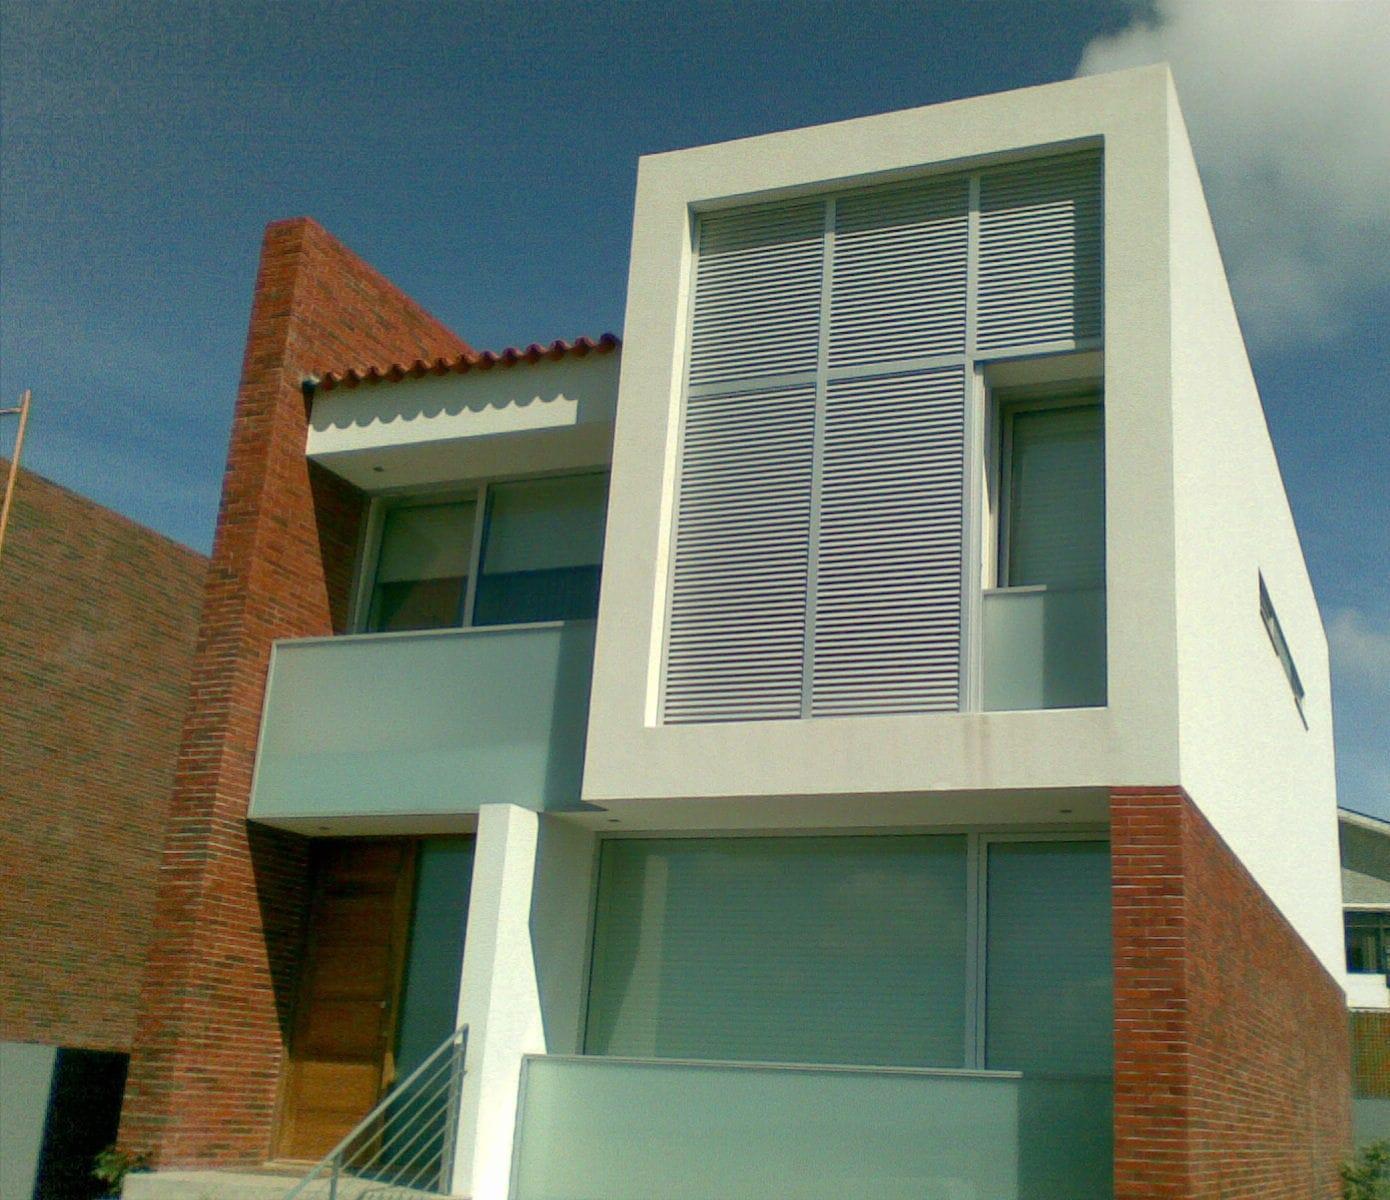 Maison modulaire / préfabriquée / en béton / contemporaine ...